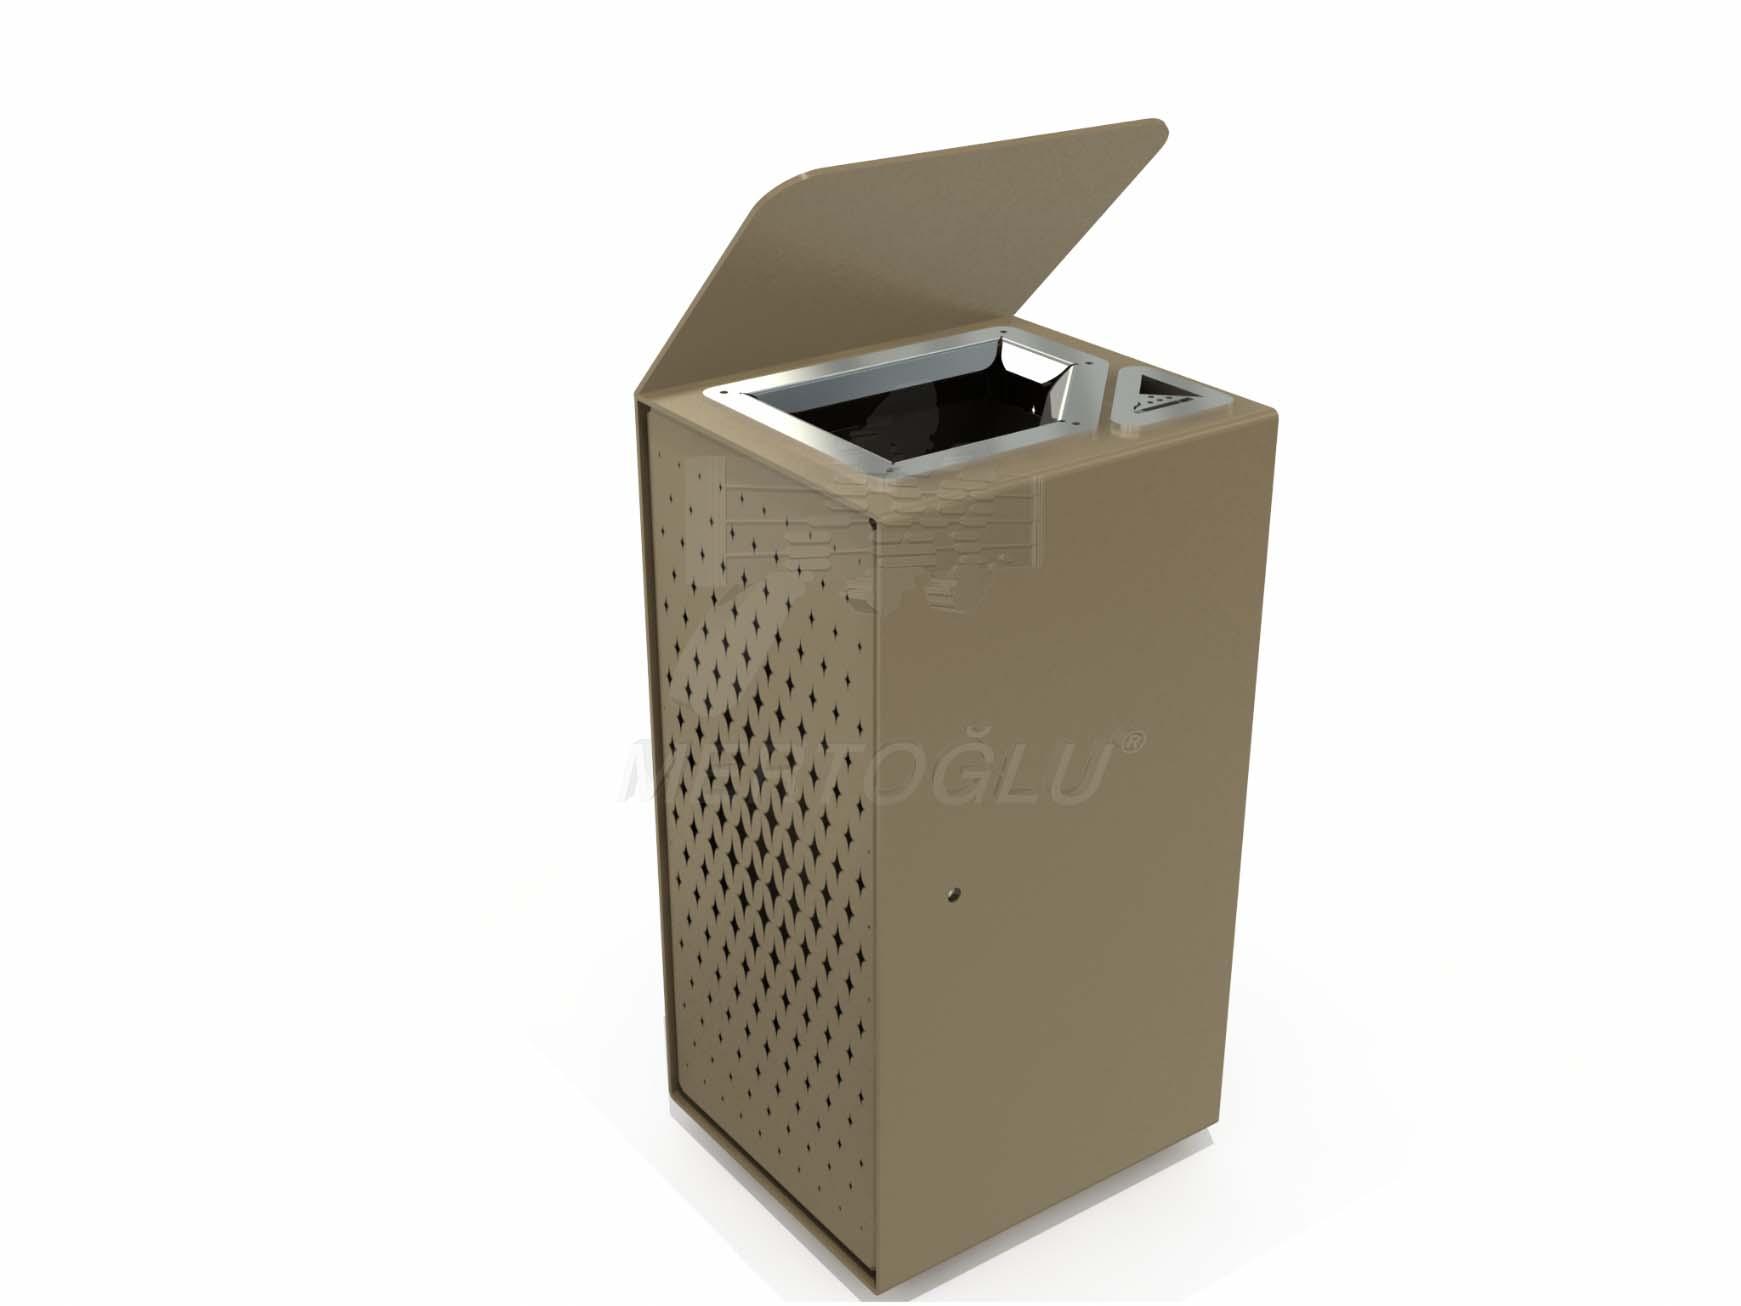 Özel Tasarım Çöp Kovaları Mst-601